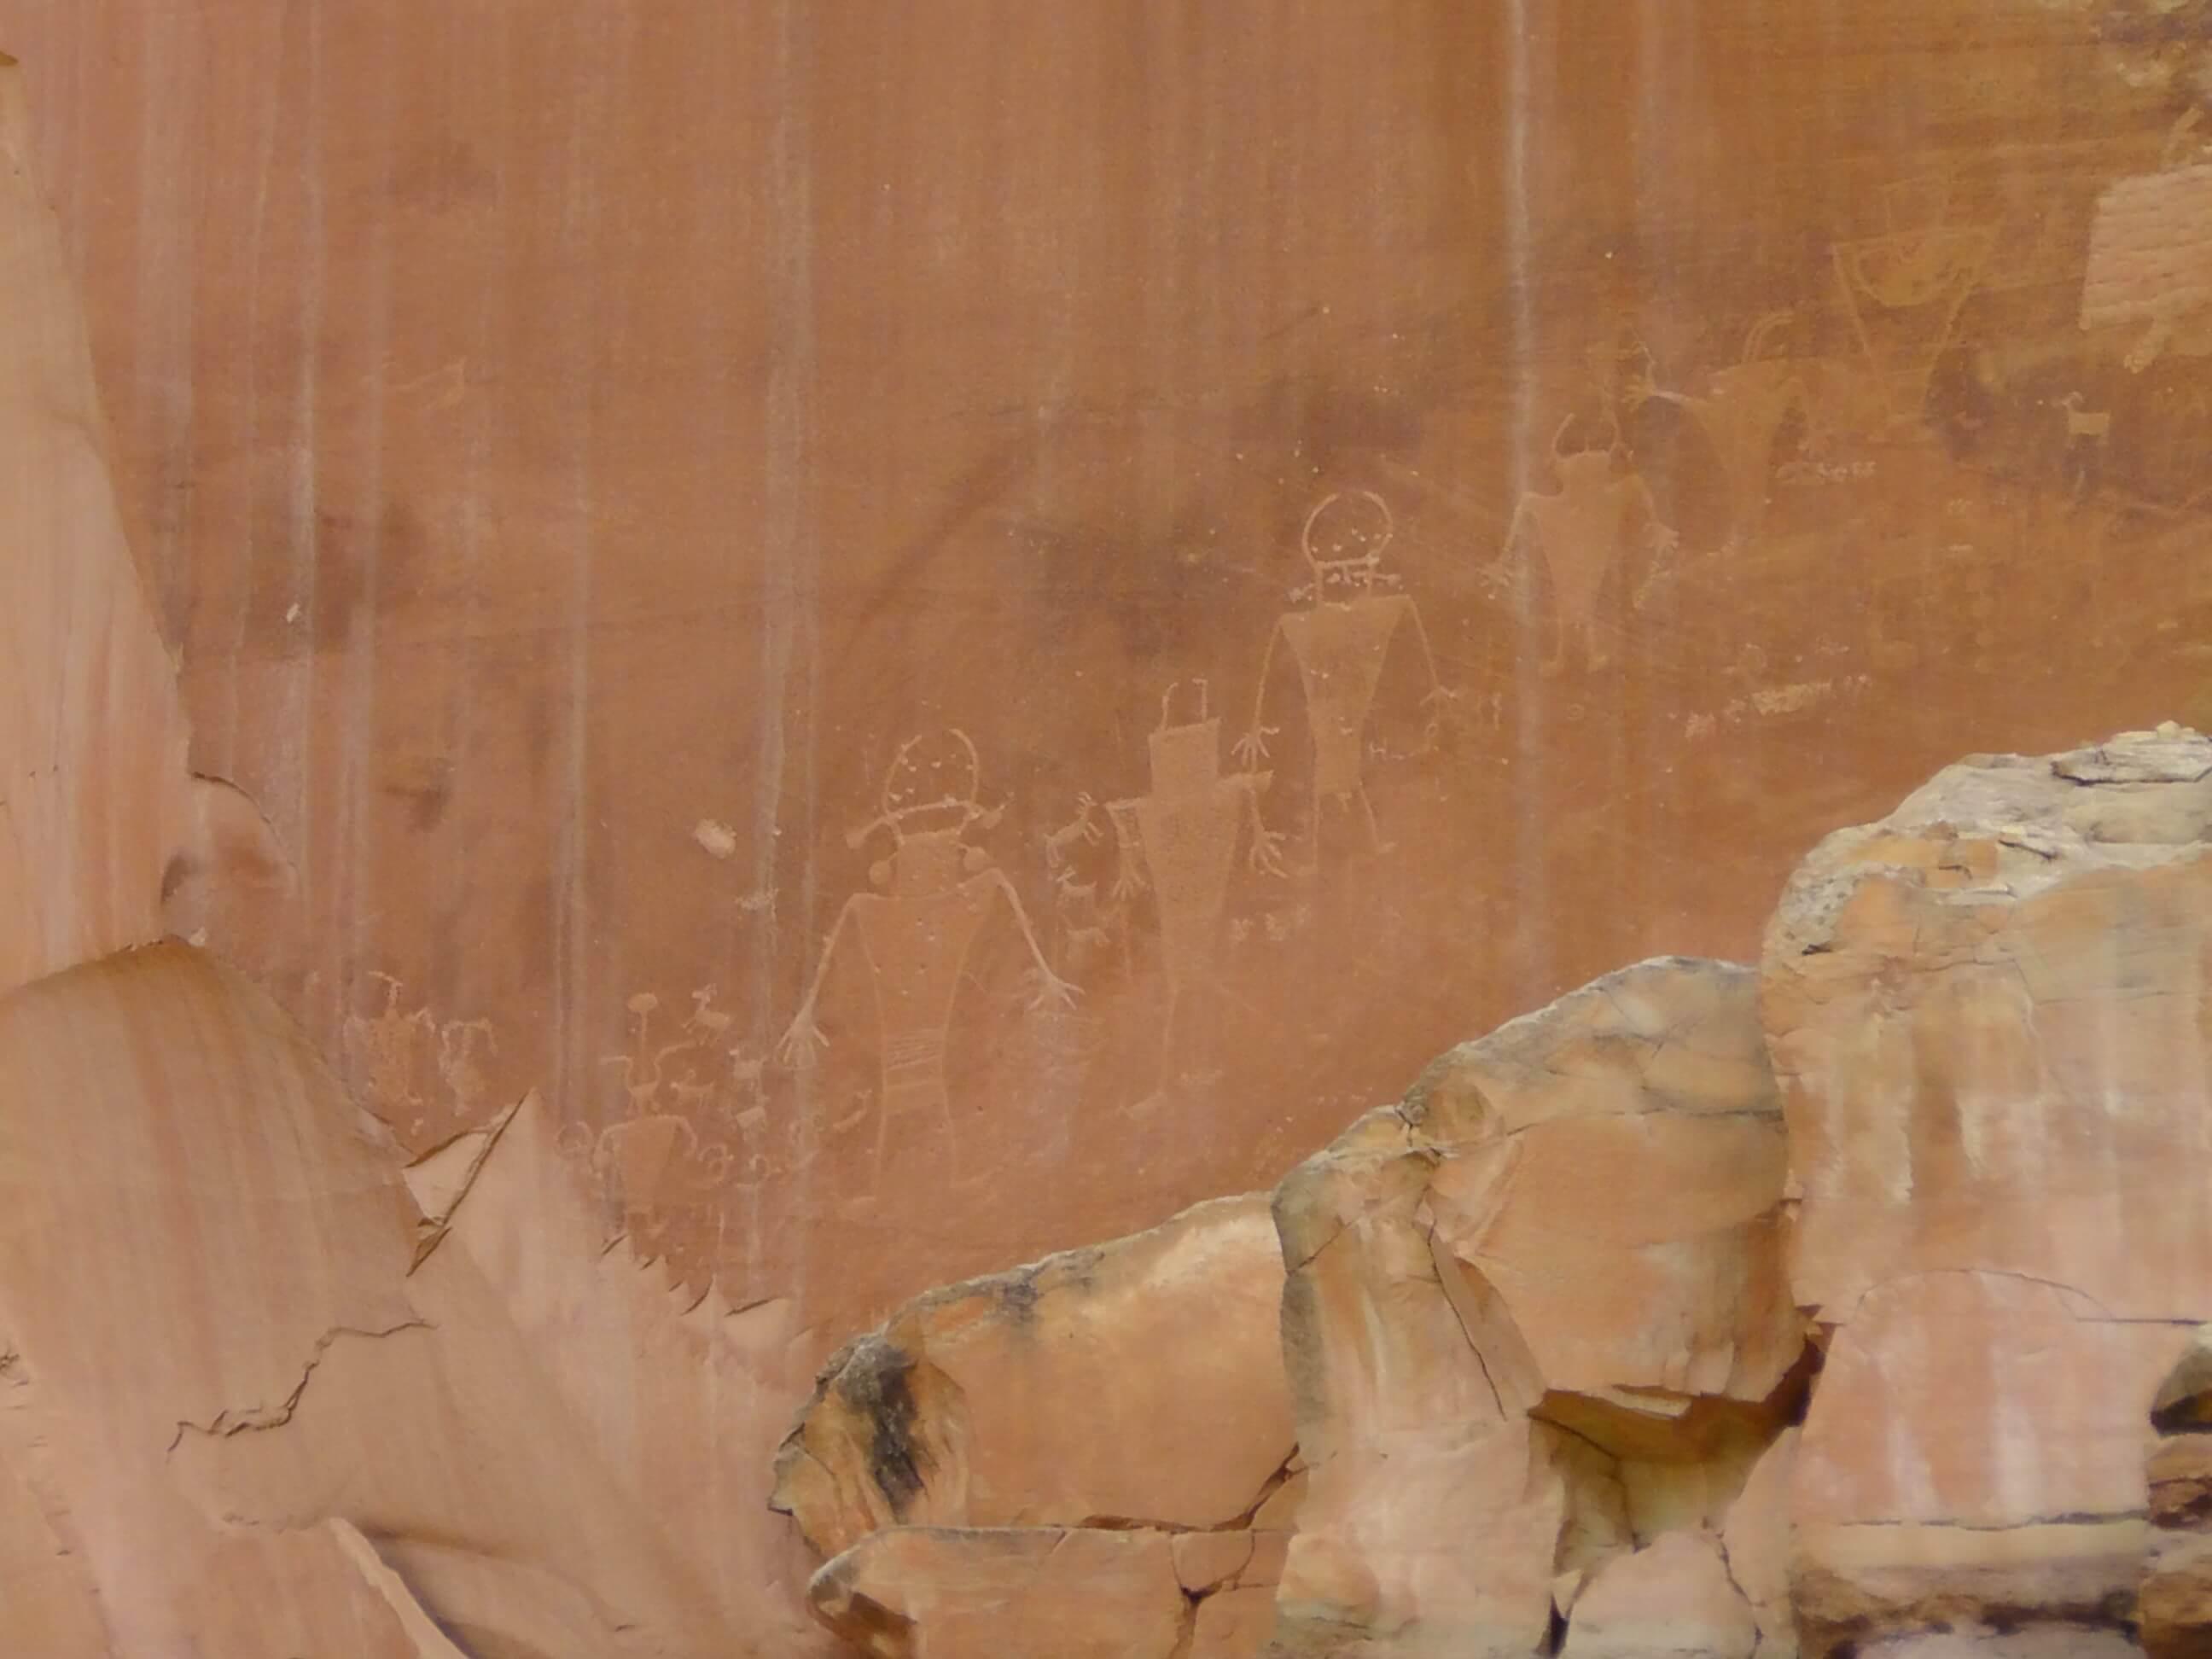 Petroglyphs off Hwy 24, Capitol Reef Nat. Park, Utah